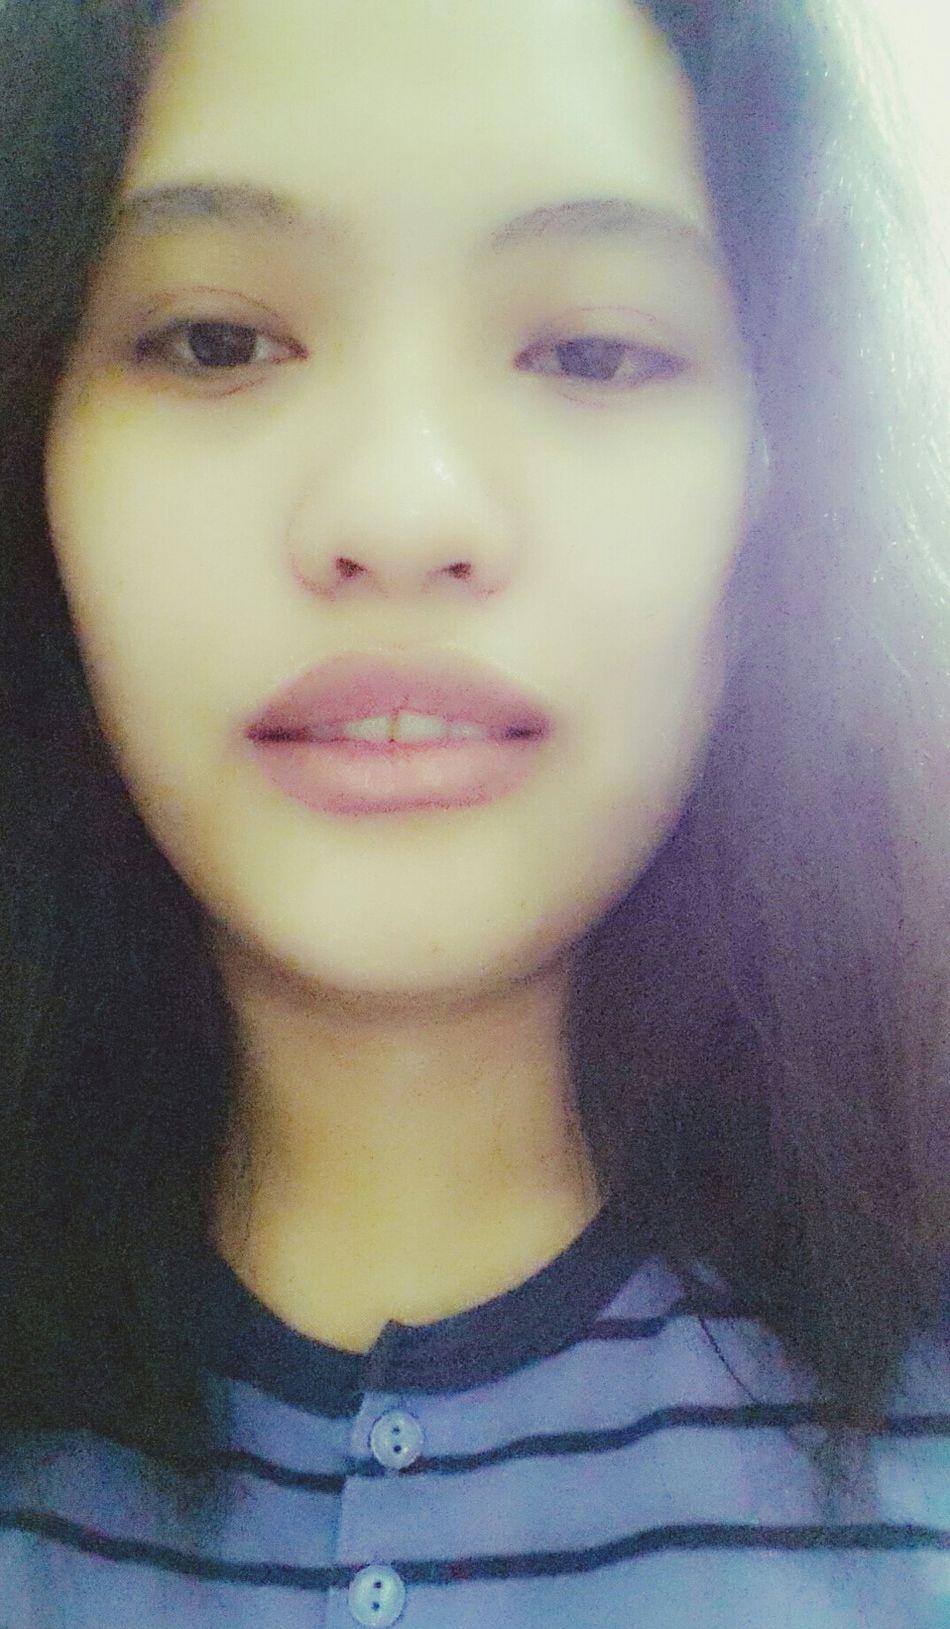 Today Hot Look  Selfie Portrait Thats Me ♥ Selfie Monday